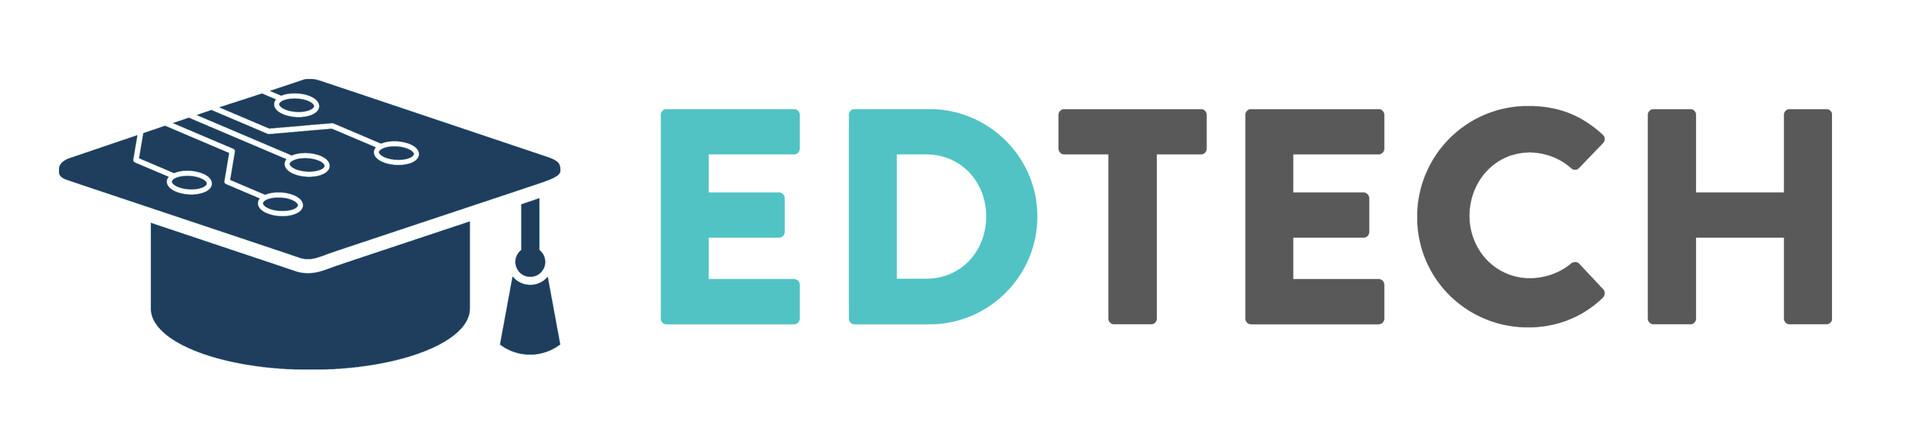 Kyle miller edtech logo